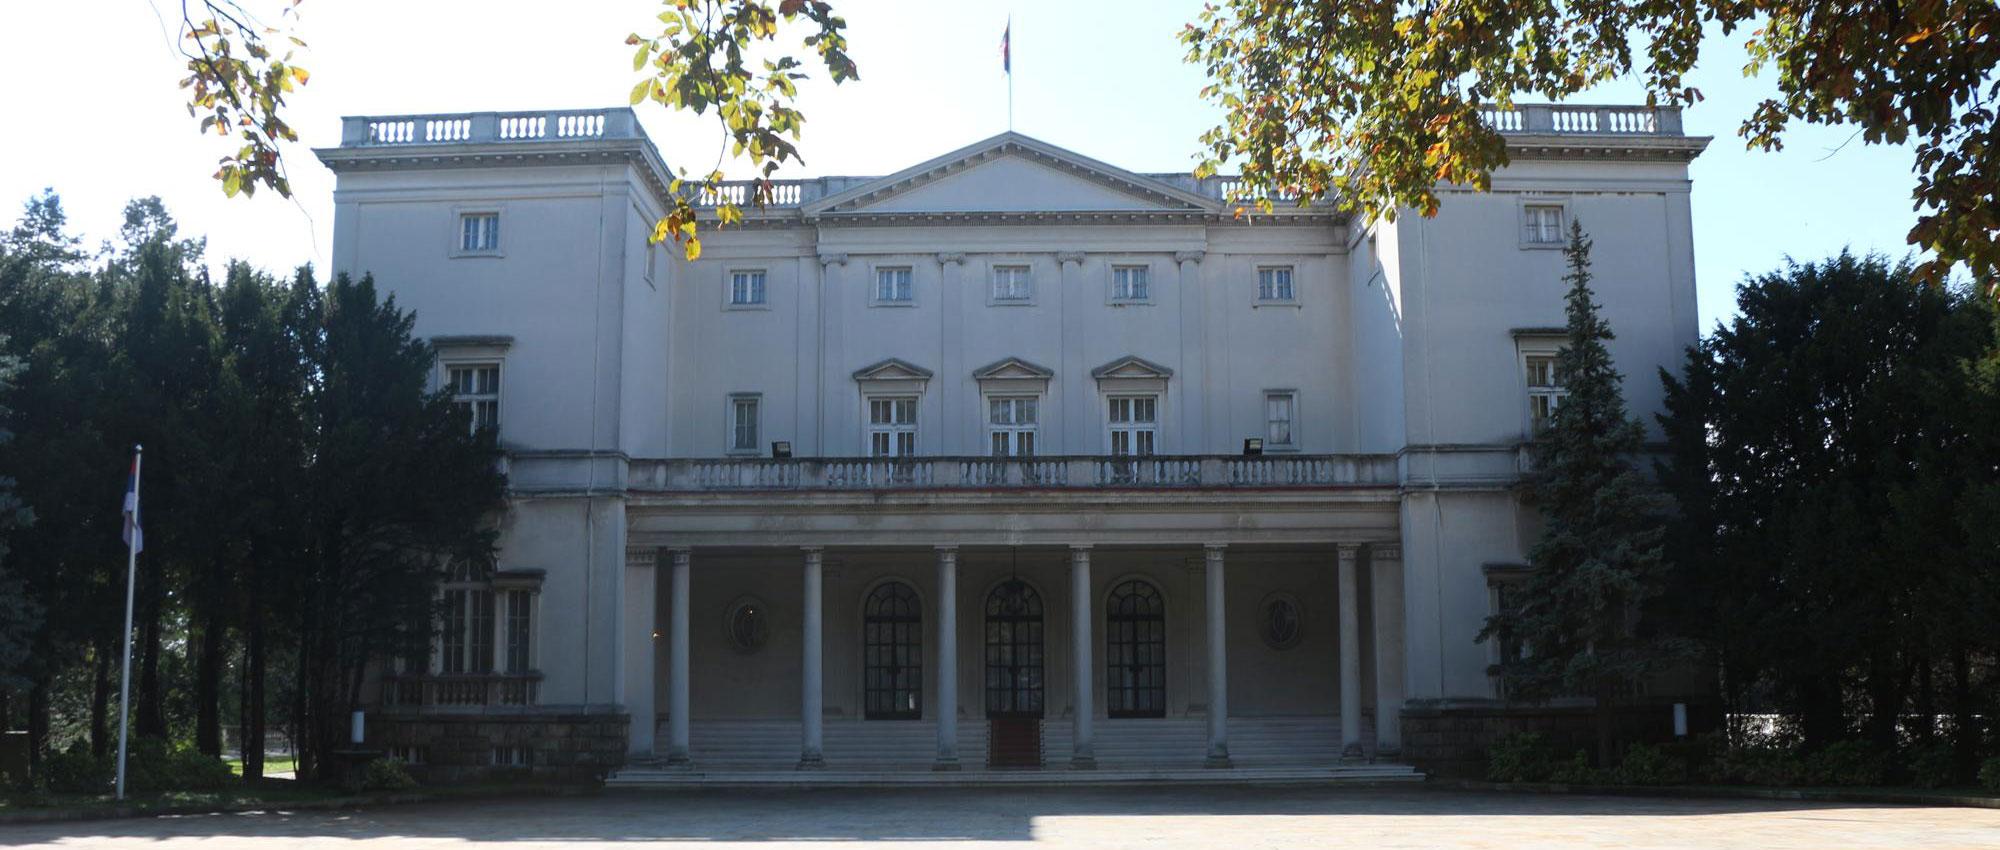 Dvorski kompleks na Dedinju – Beli dvor i Kraljevski dvor